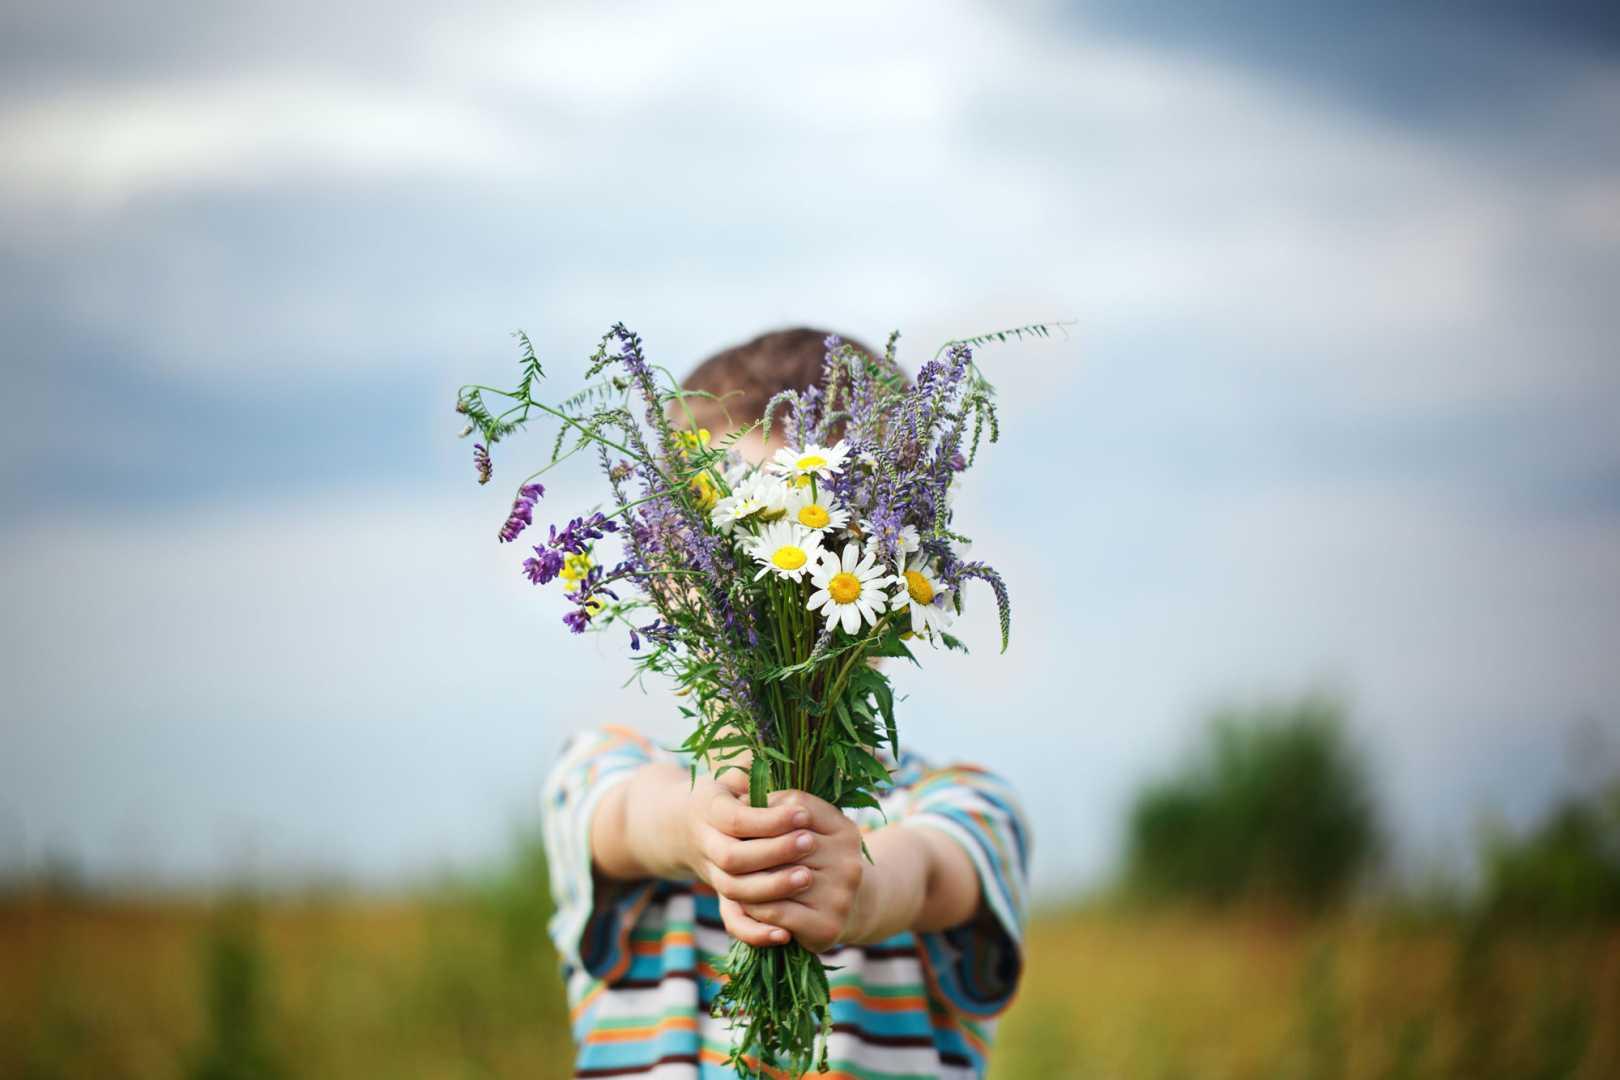 Kleiner Junge in einer Wiese mit Wildblumenstraß in der Hand